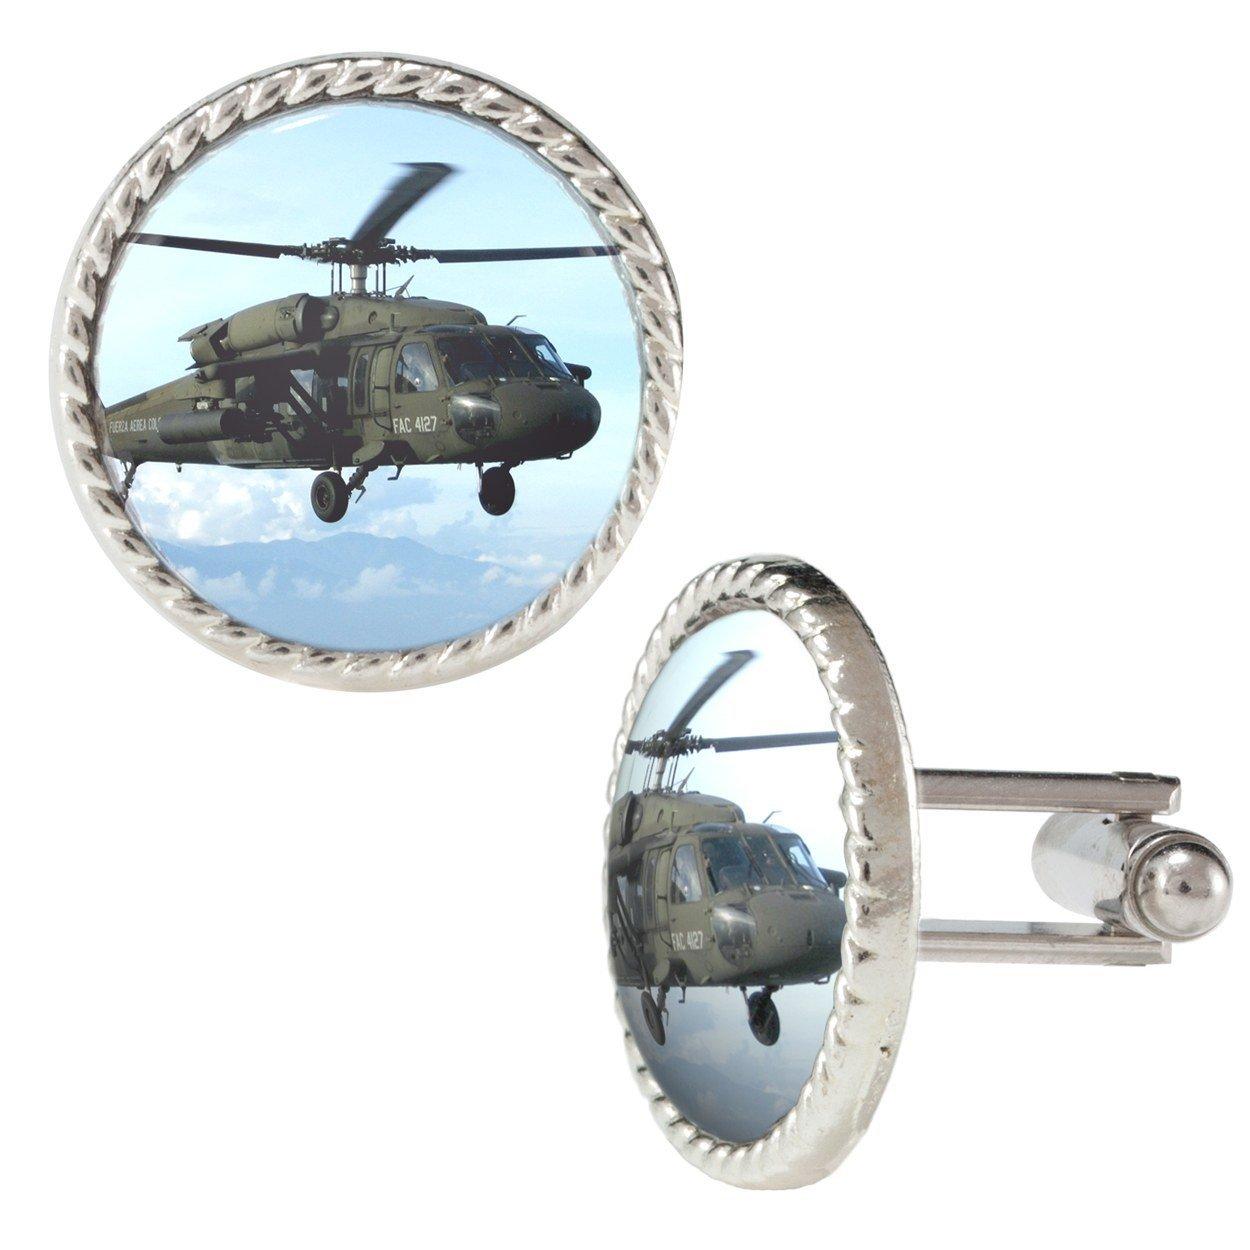 Elicottero H60 : Fac black hawk h elicottero war army gemelli amazon gioielli